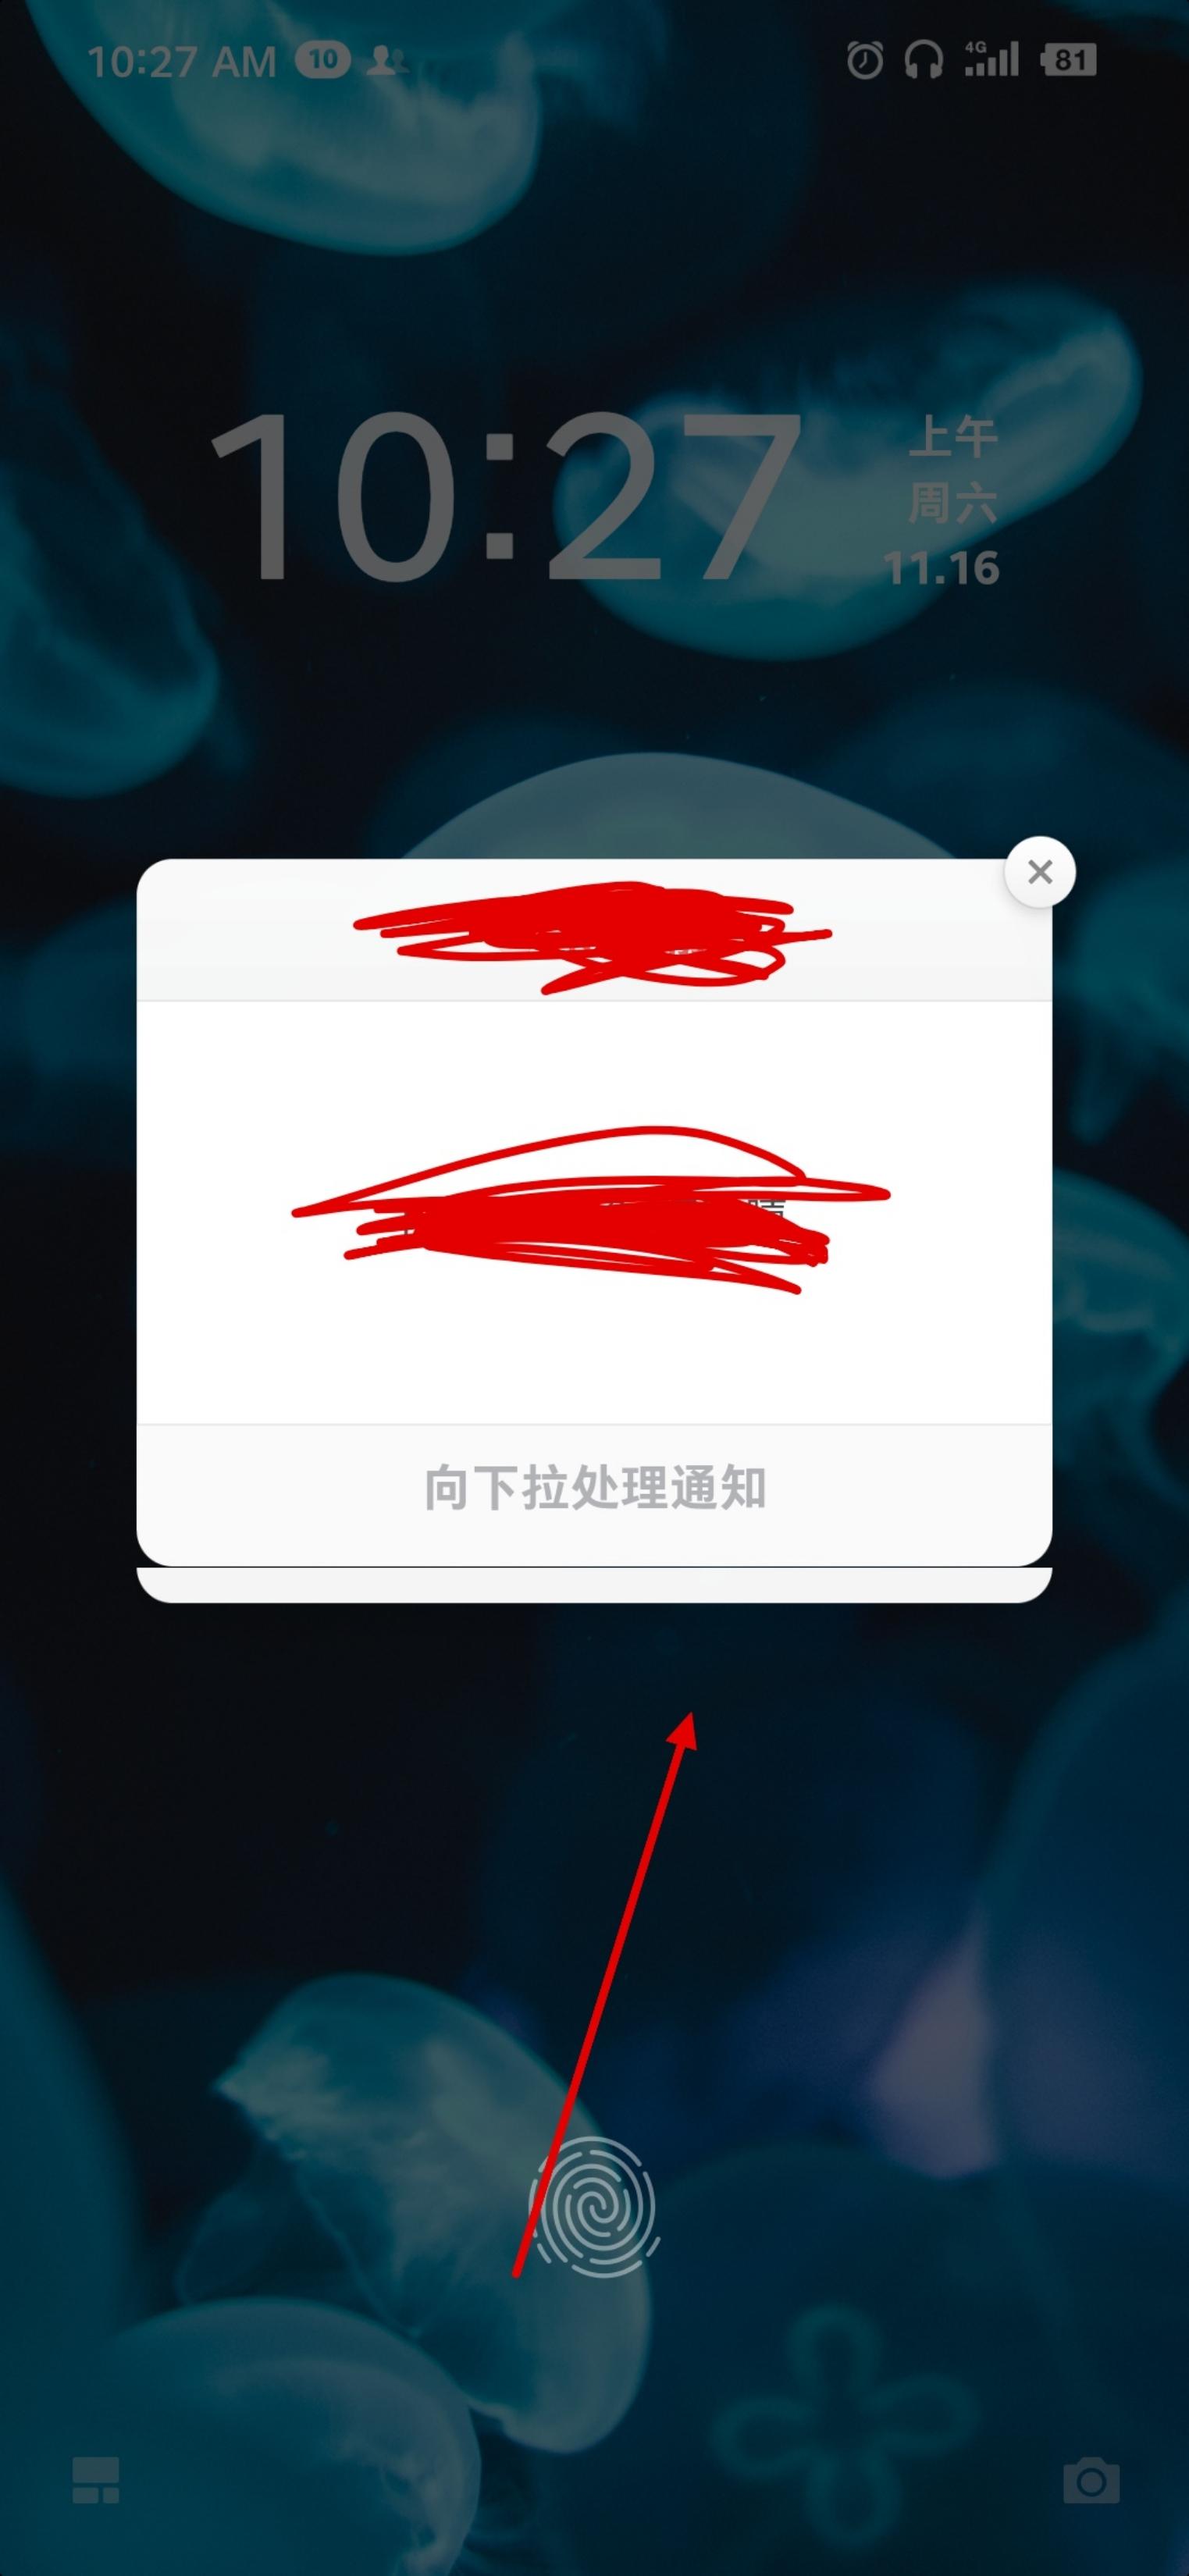 ??_Screenshot_2019-11-16-10-27-14-283_??.jpg